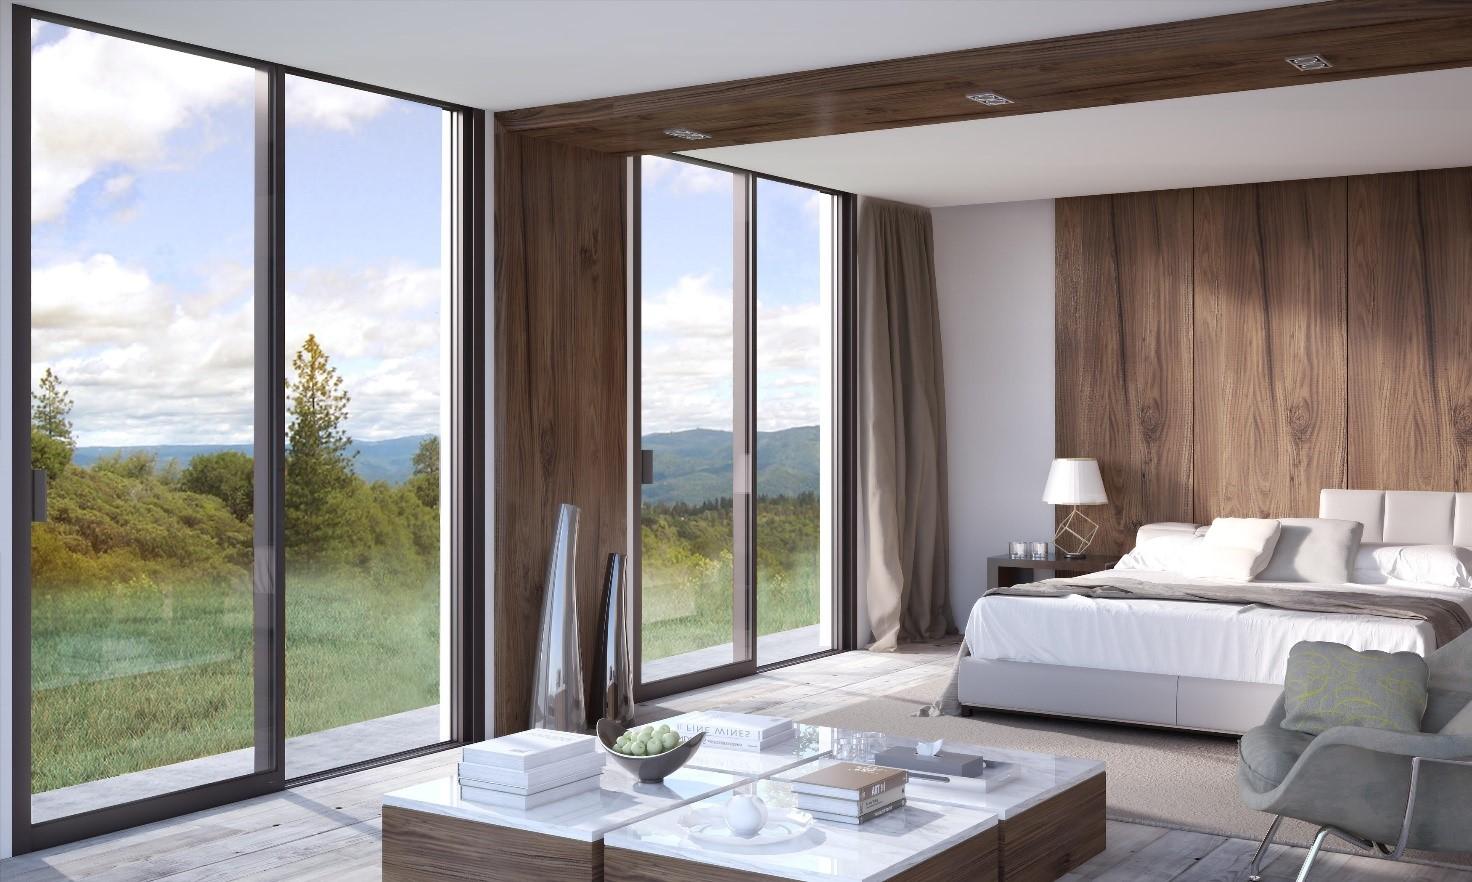 I vantaggi delle finestre con doppio vetro in fissa per - Finestre doppio vetro con gas ...